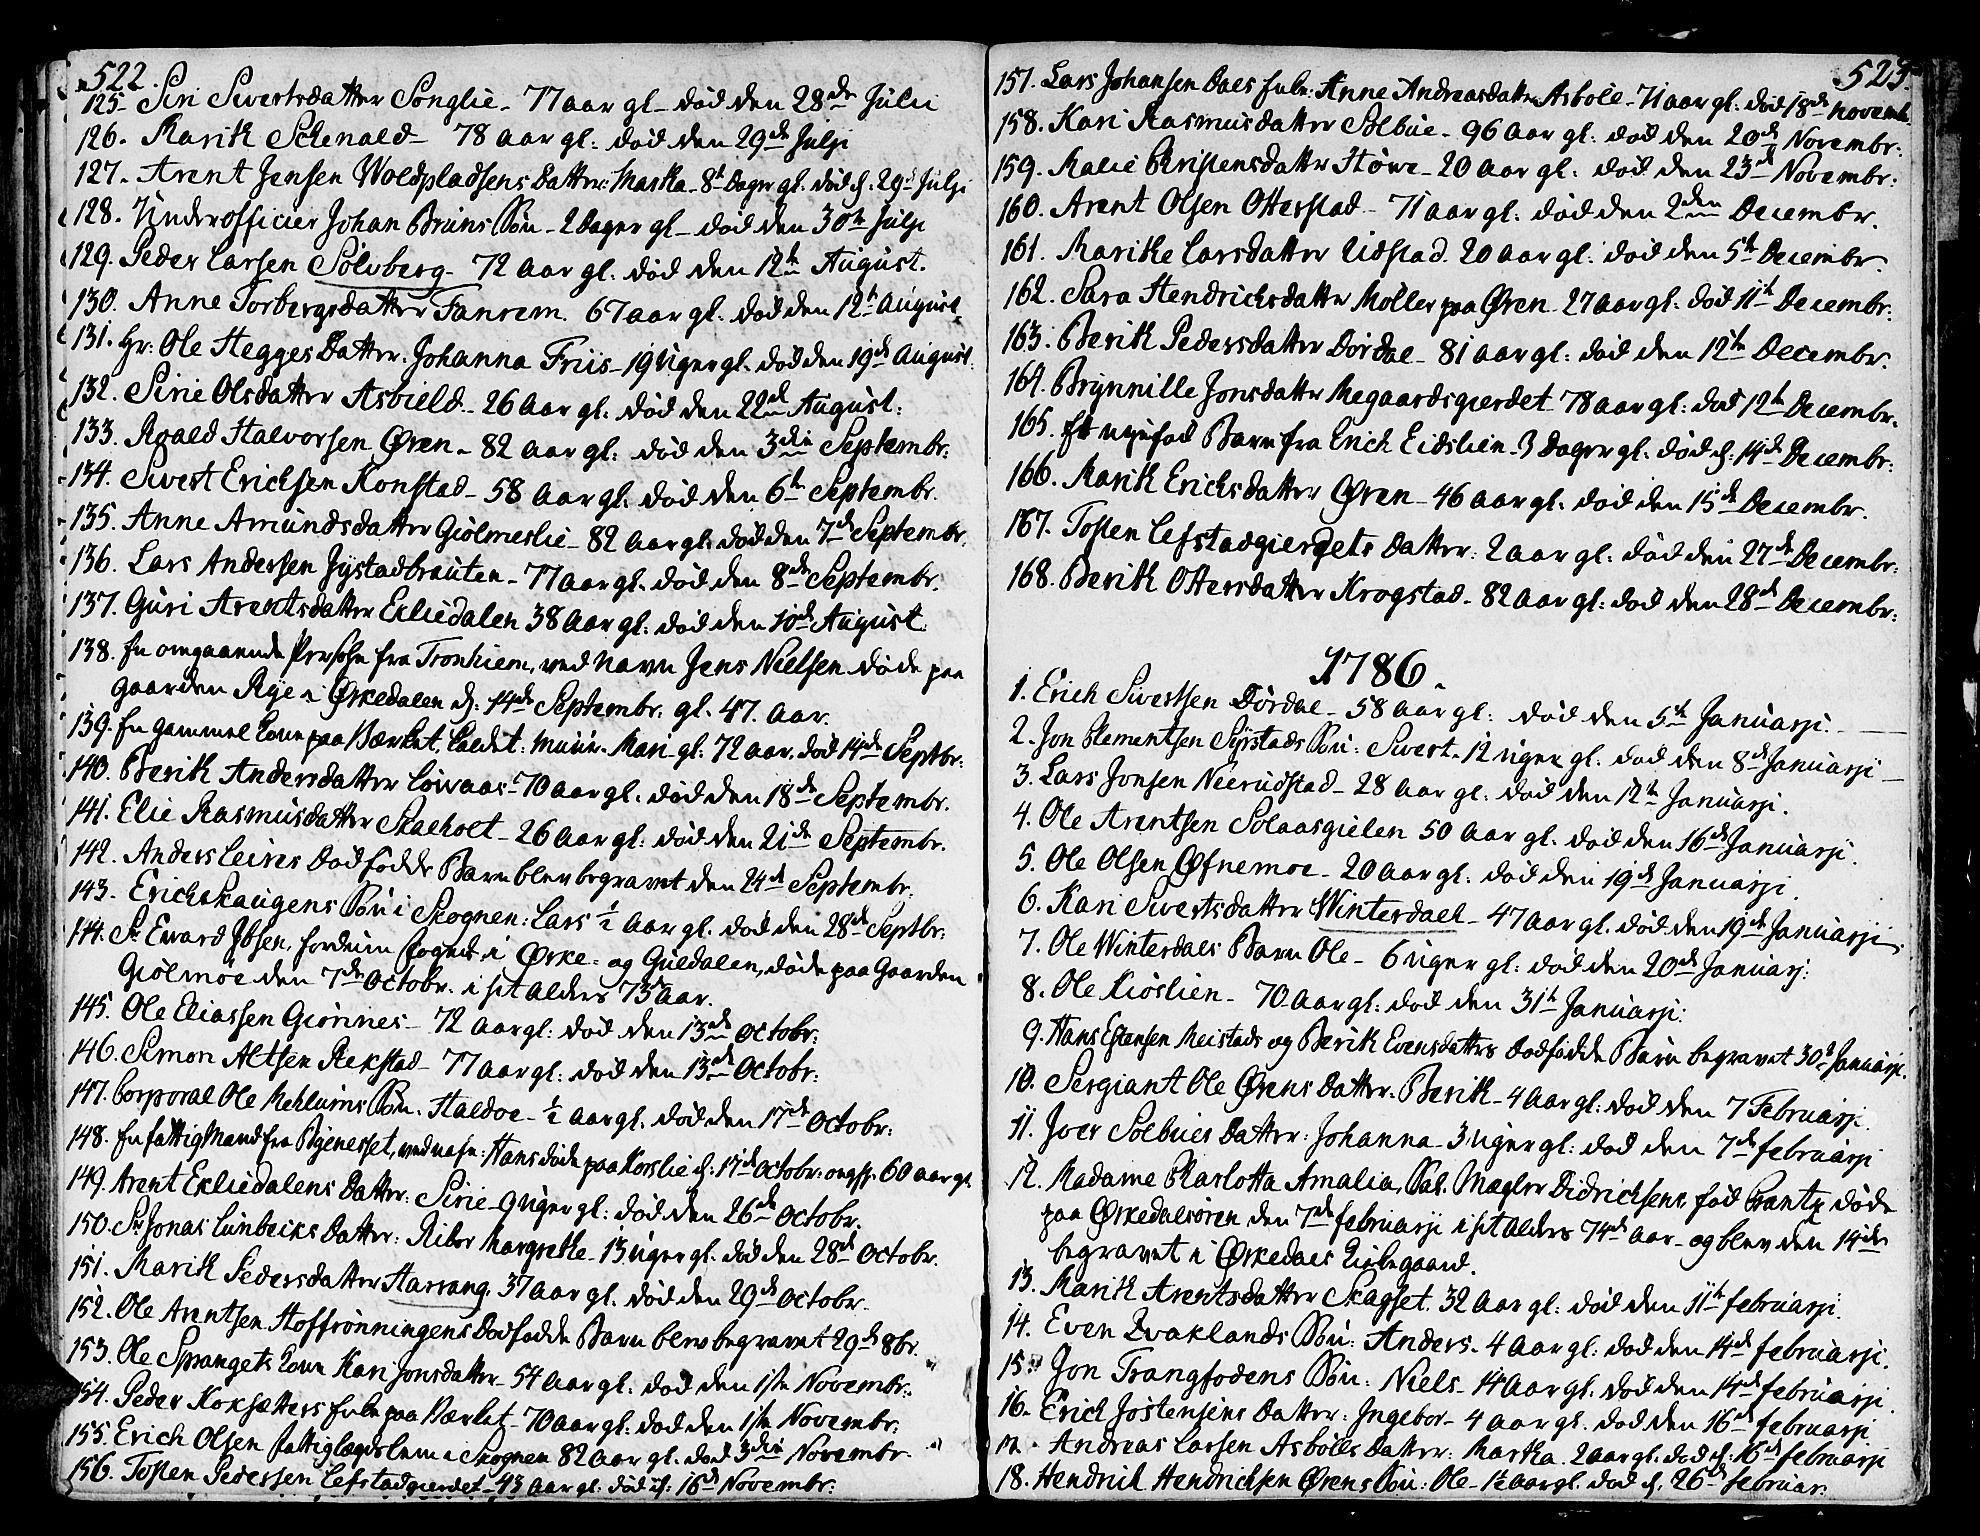 SAT, Ministerialprotokoller, klokkerbøker og fødselsregistre - Sør-Trøndelag, 668/L0802: Ministerialbok nr. 668A02, 1776-1799, s. 522-523